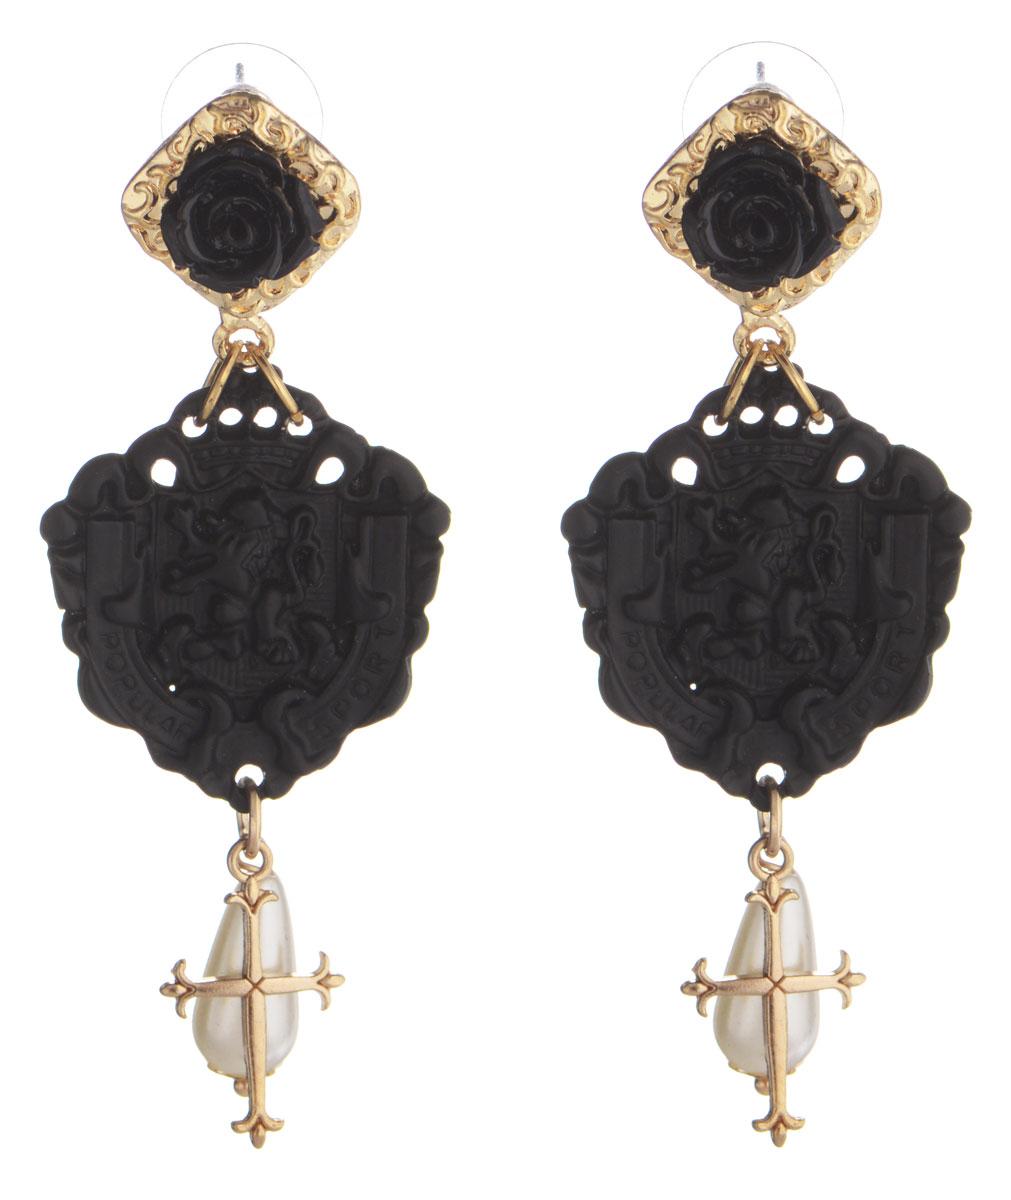 Серьги Taya, цвет: золотистый, черный, белый. T-B-9779T-B-9779-EARR-GL.BLACKЭлегантные серьги Taya выполнены из бижутерийного сплава. Основание сережек выполнено в виде розочек. Изделие дополнено подвесками в форме гербов, а также искусственными жемчужинами каплевидных форм и крестиками. Серьги застегиваются на практичный замок-гвоздик с фиксаторами из металла и пластика. Оригинальные серьги придадут вашему образу изюминку, подчеркнут индивидуальность.